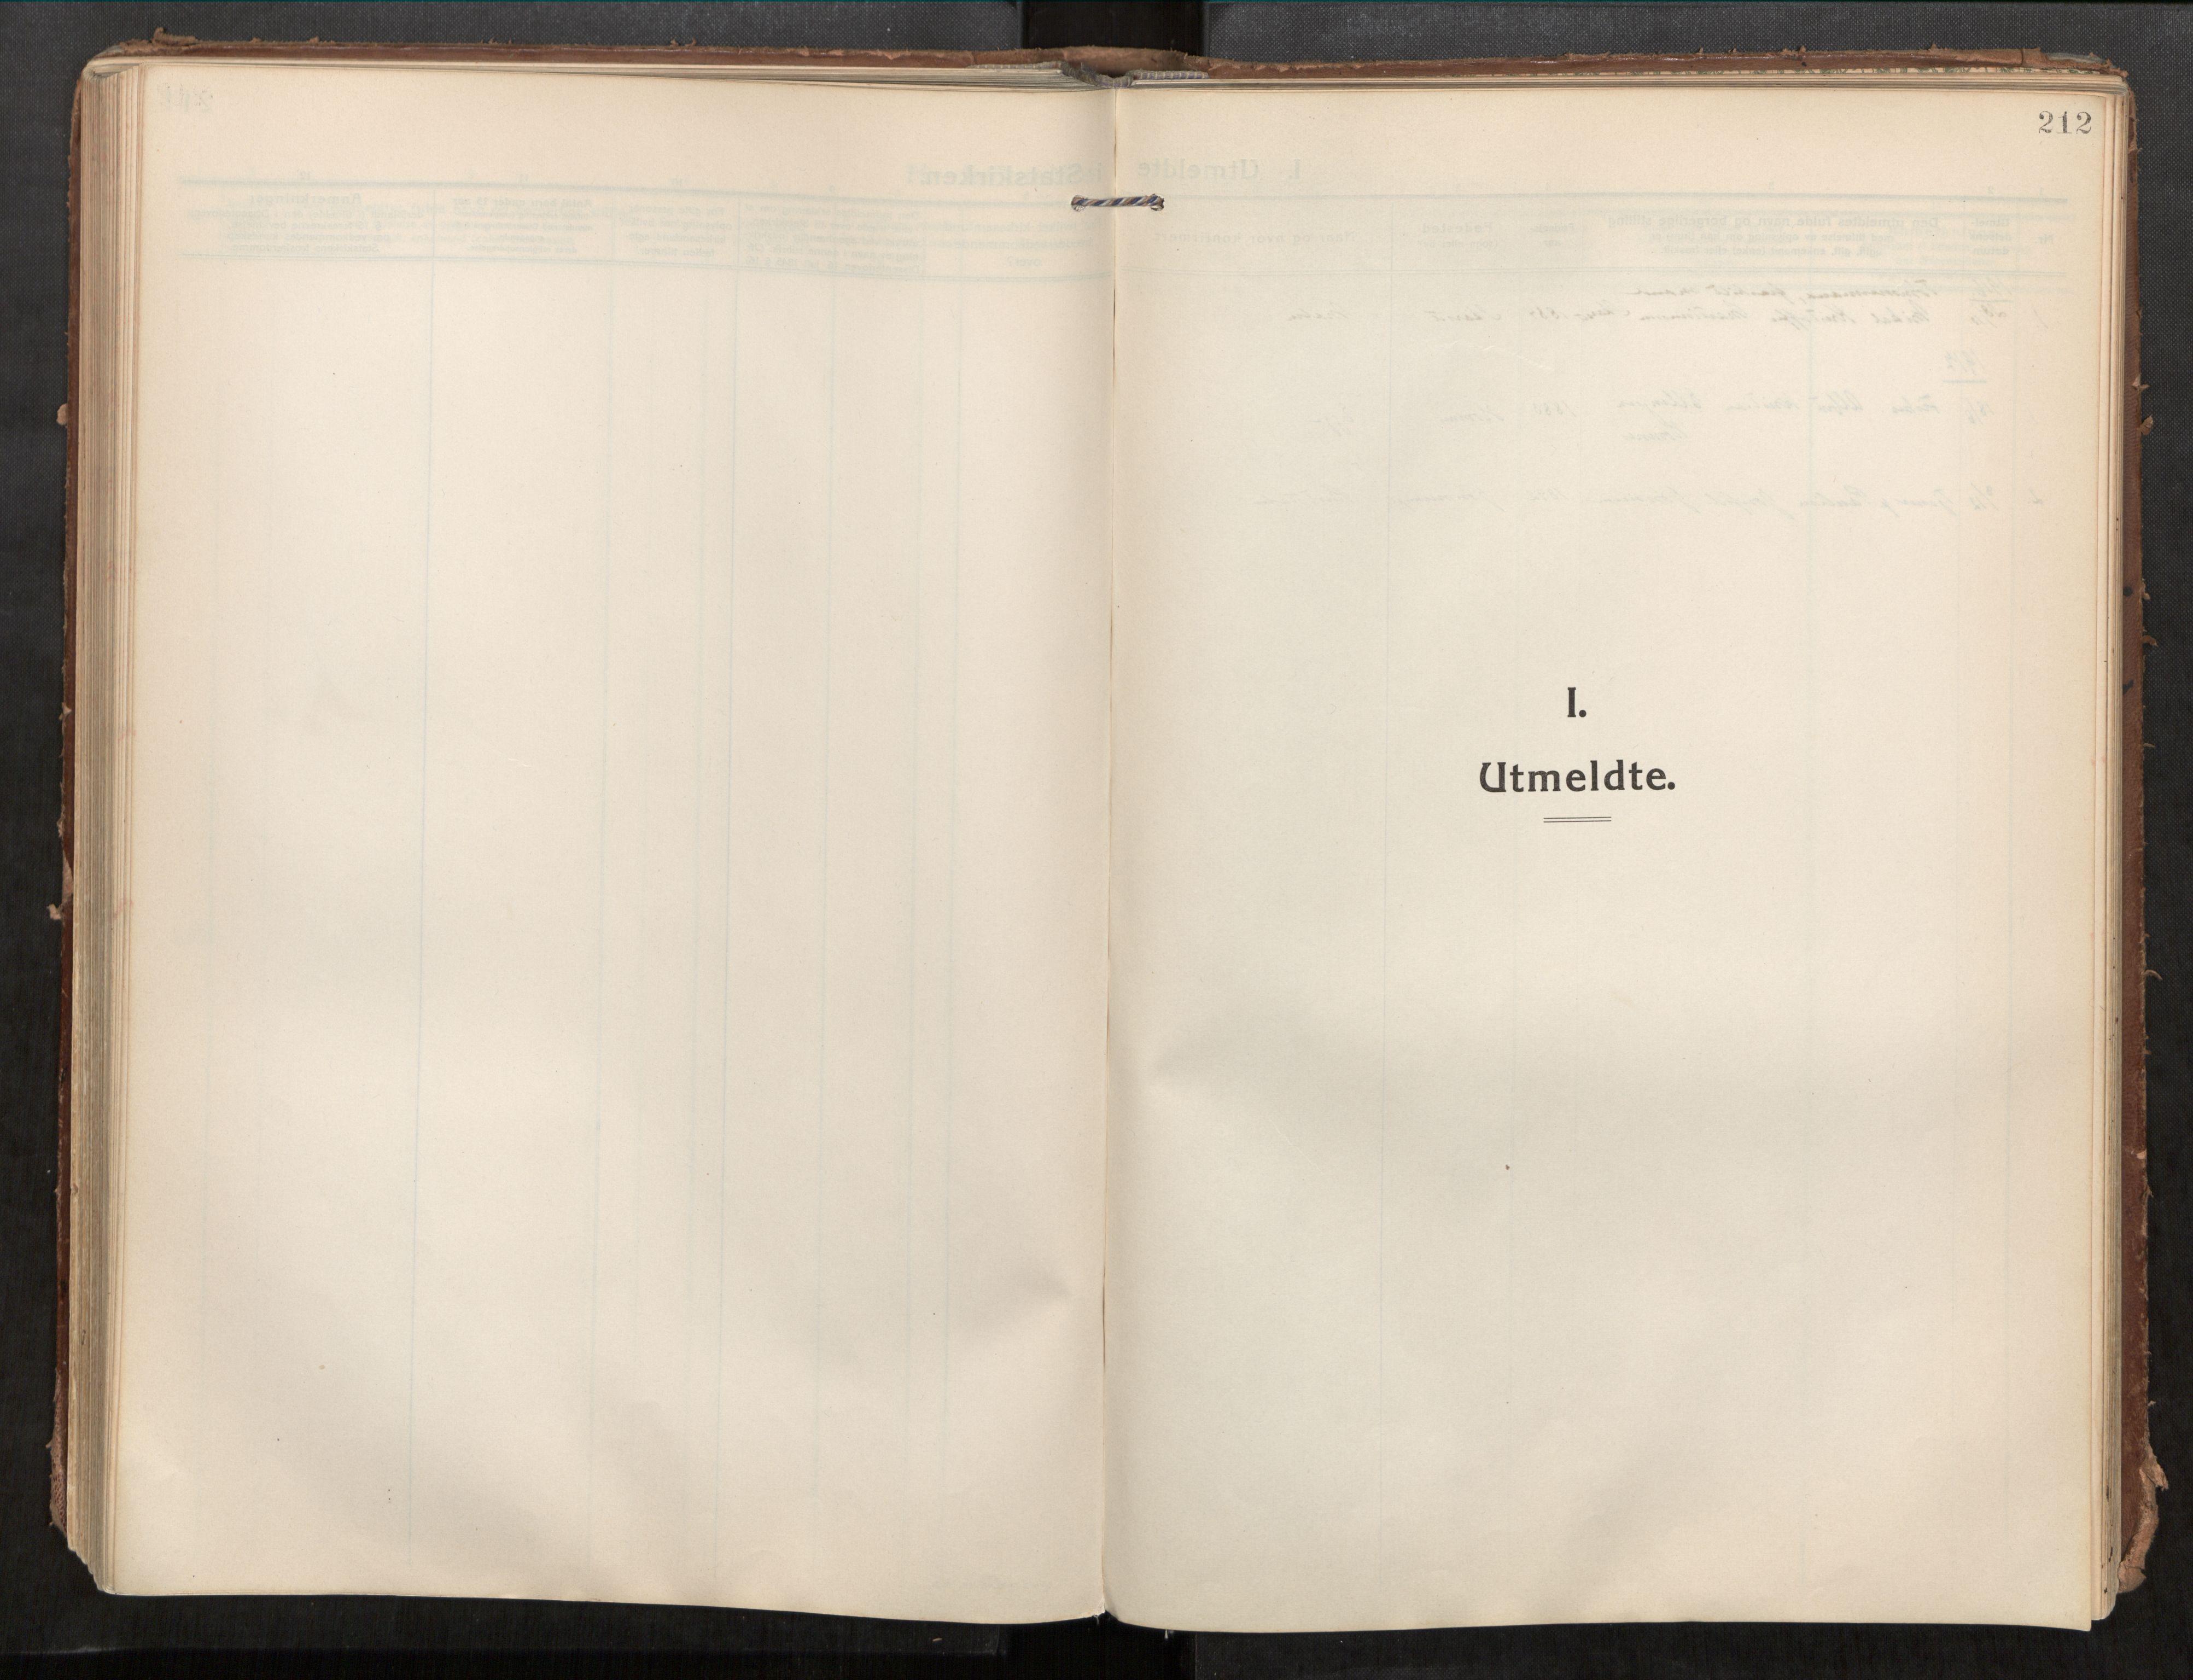 SAT, Beitstad sokneprestkontor, I/I1/I1a/L0001: Parish register (official) no. 1, 1912-1927, p. 212